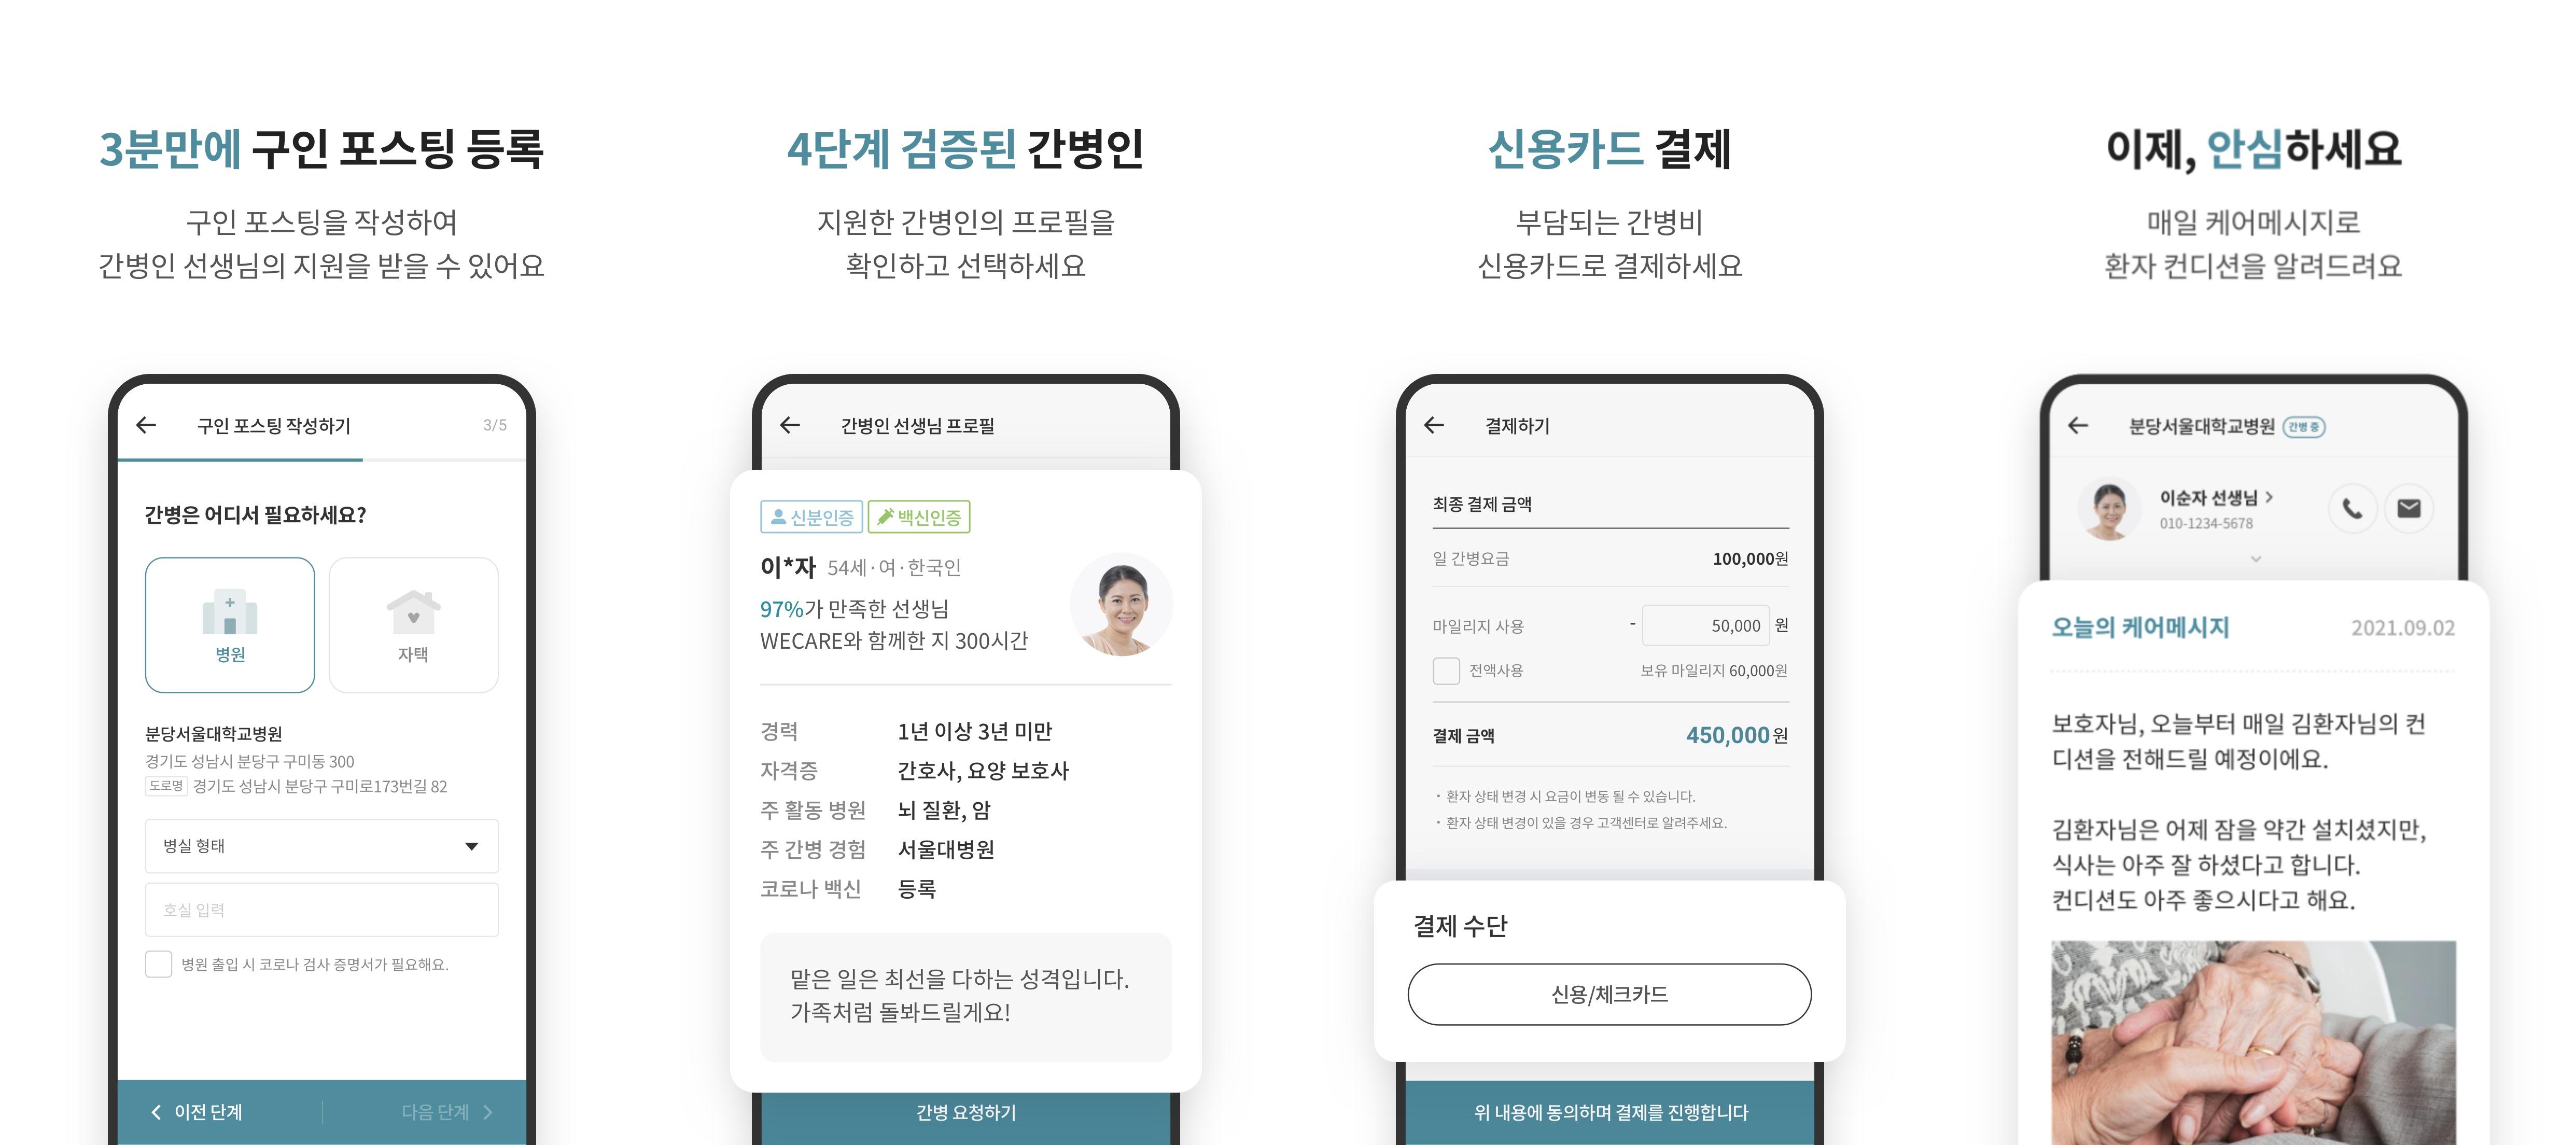 NHN, 간병인 매칭 플랫폼 '위케어(WECARE)' 오픈 베타 서비스 론칭